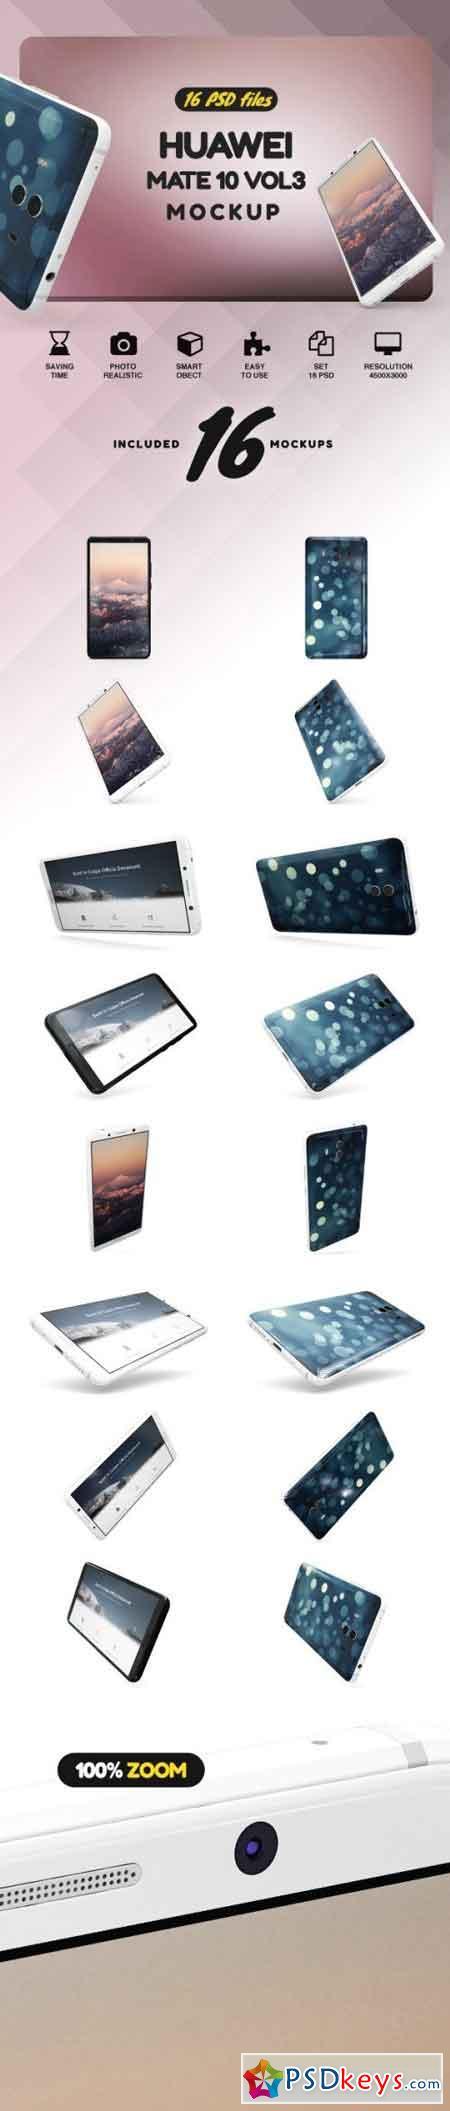 Huawei Mate 10 Vol.3 Mockup 2142297